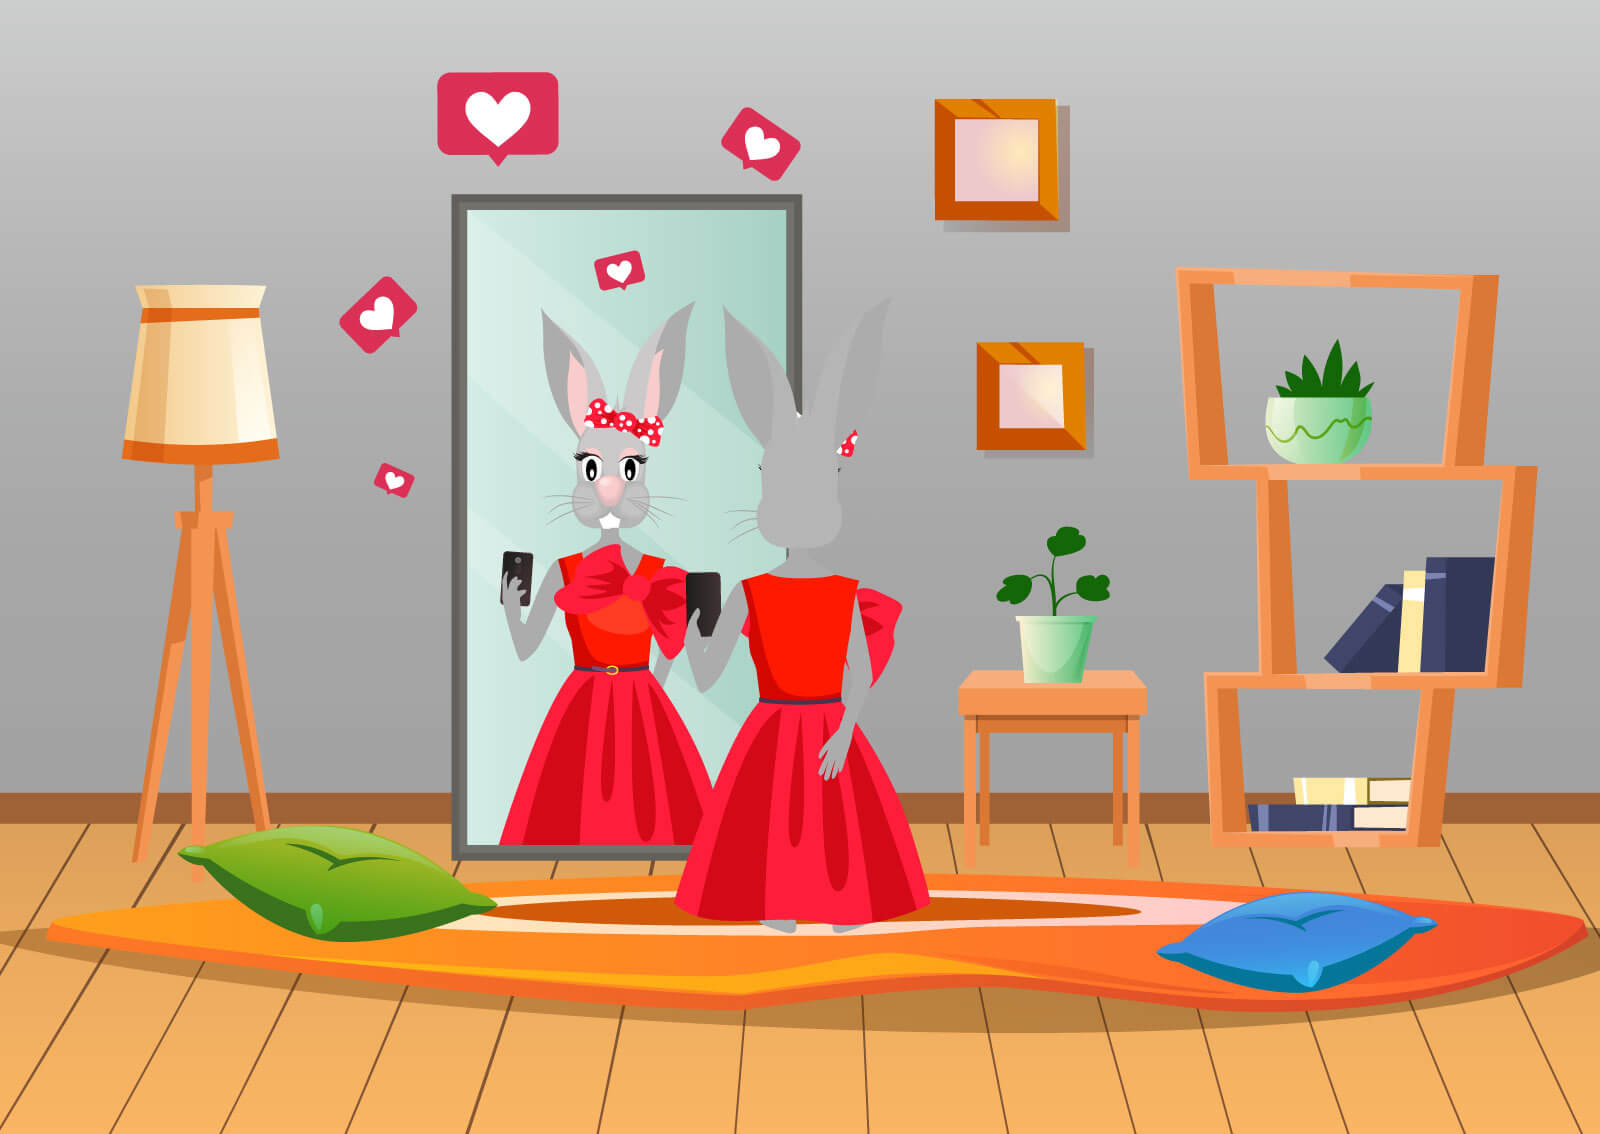 Ilustracija zečice koja pozira ispred ogledala i slika se telefonom da bi na Instagramu prikupila što više lajkova